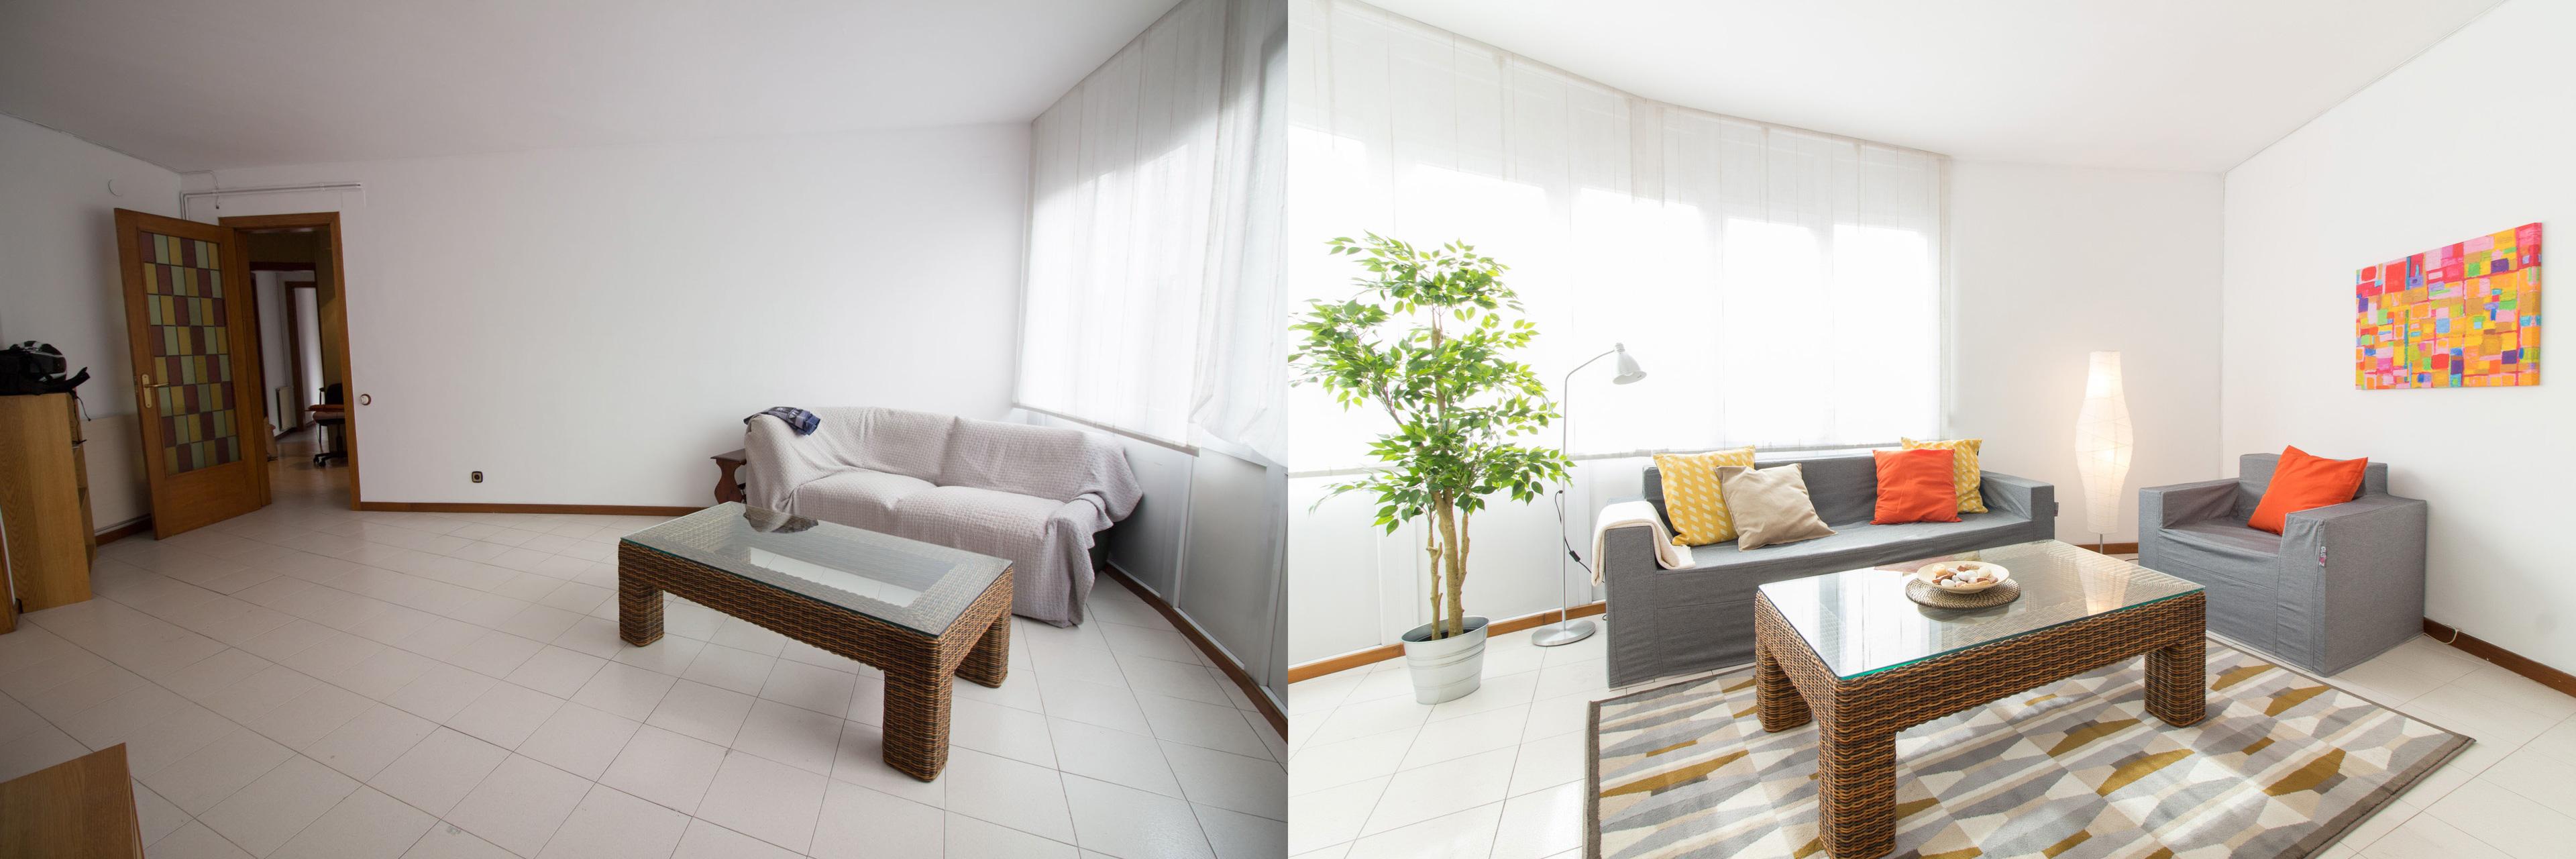 Proyecto eixample barcelona impuls home staging - Barcelona home staging ...